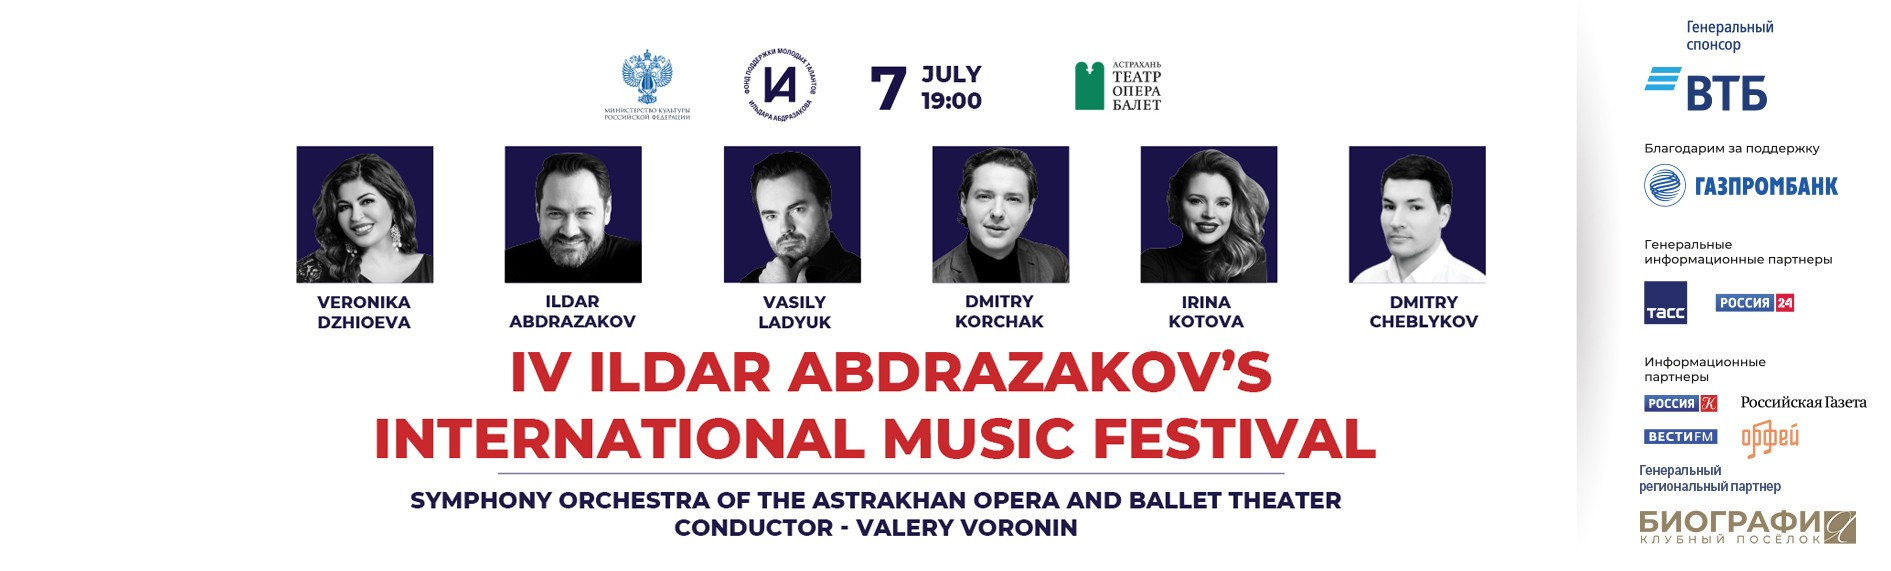 Закрытие IV Международного музыкального фестиваля Ильдара Абдразакова._англ